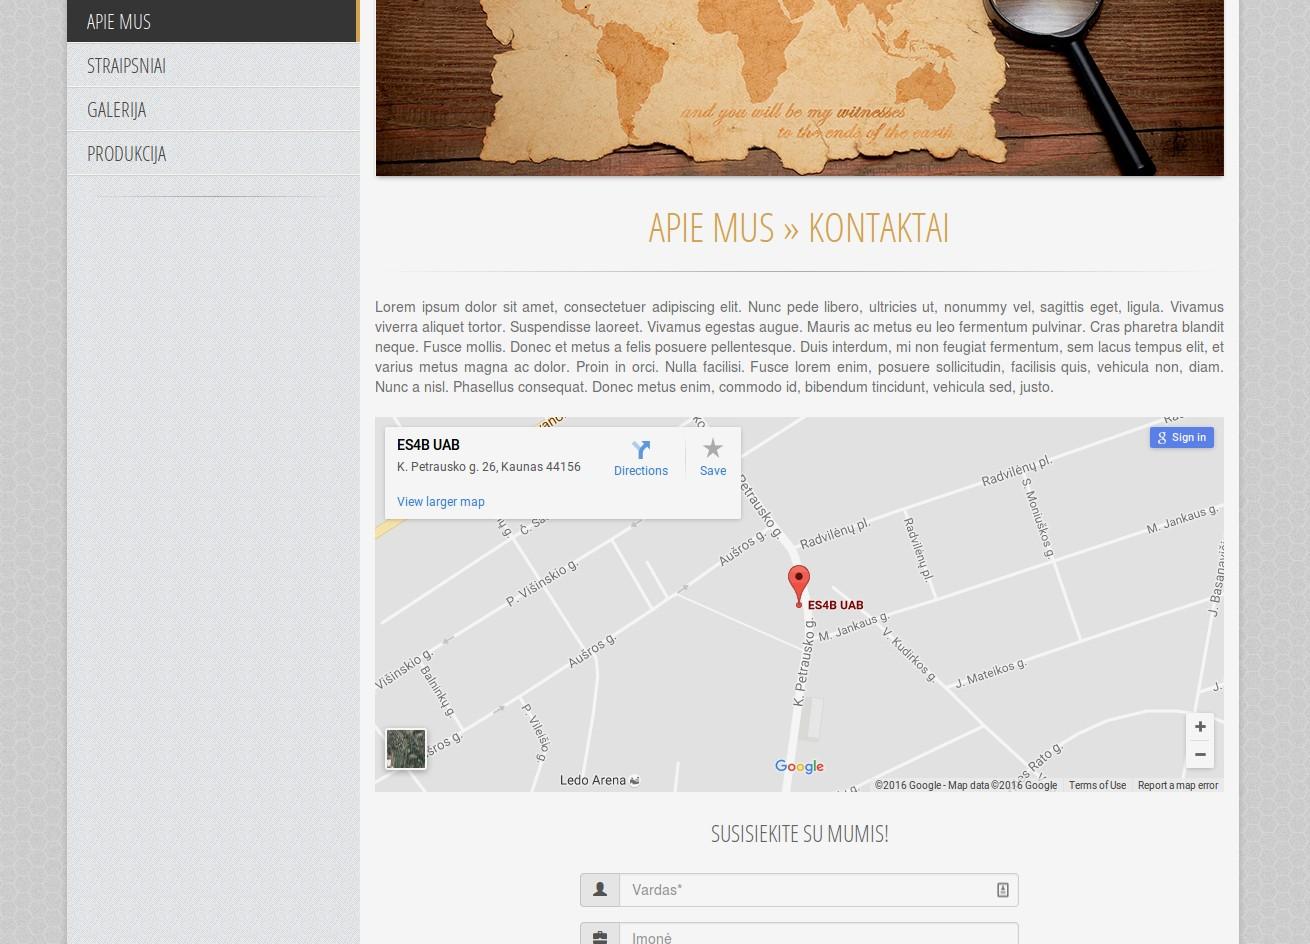 Interaktyvus Google Maps žemėlapis įkeltas